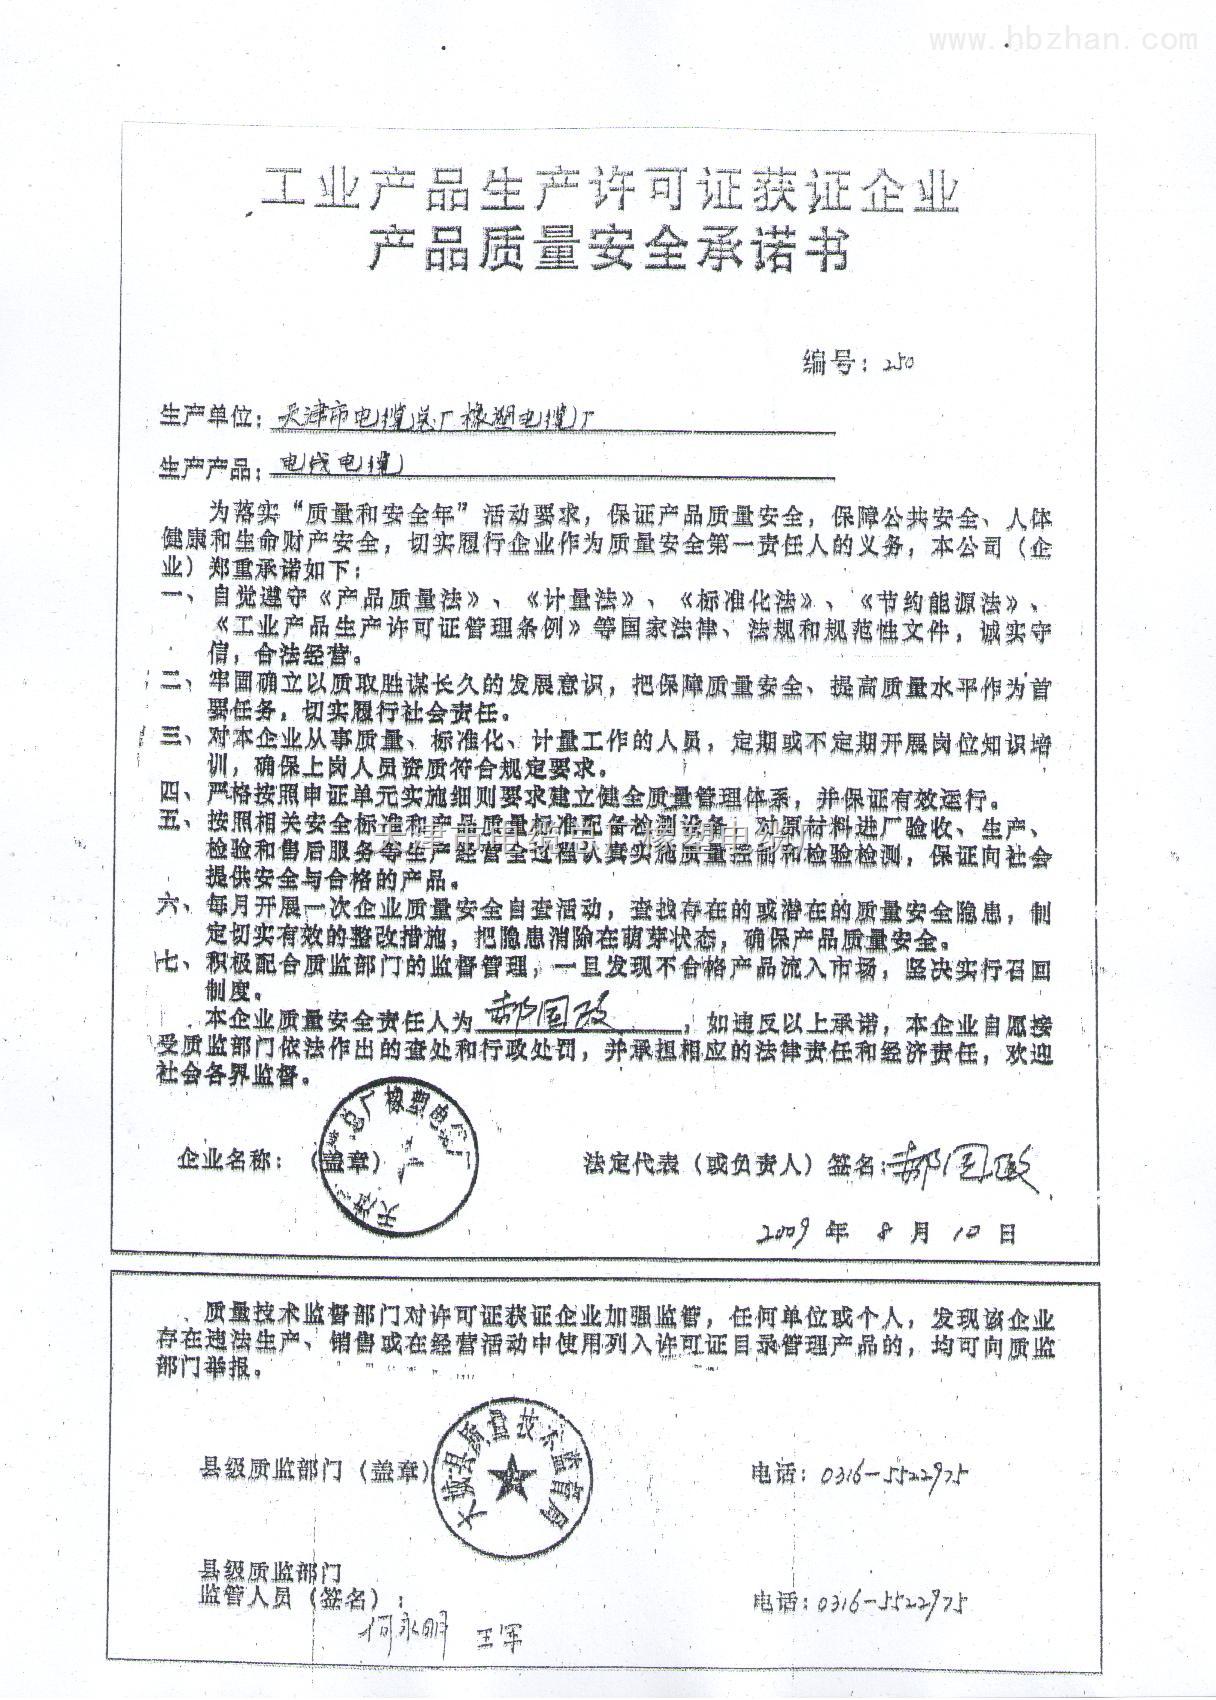 承诺书-荣誉证书-天津市电缆总厂橡塑电缆厂